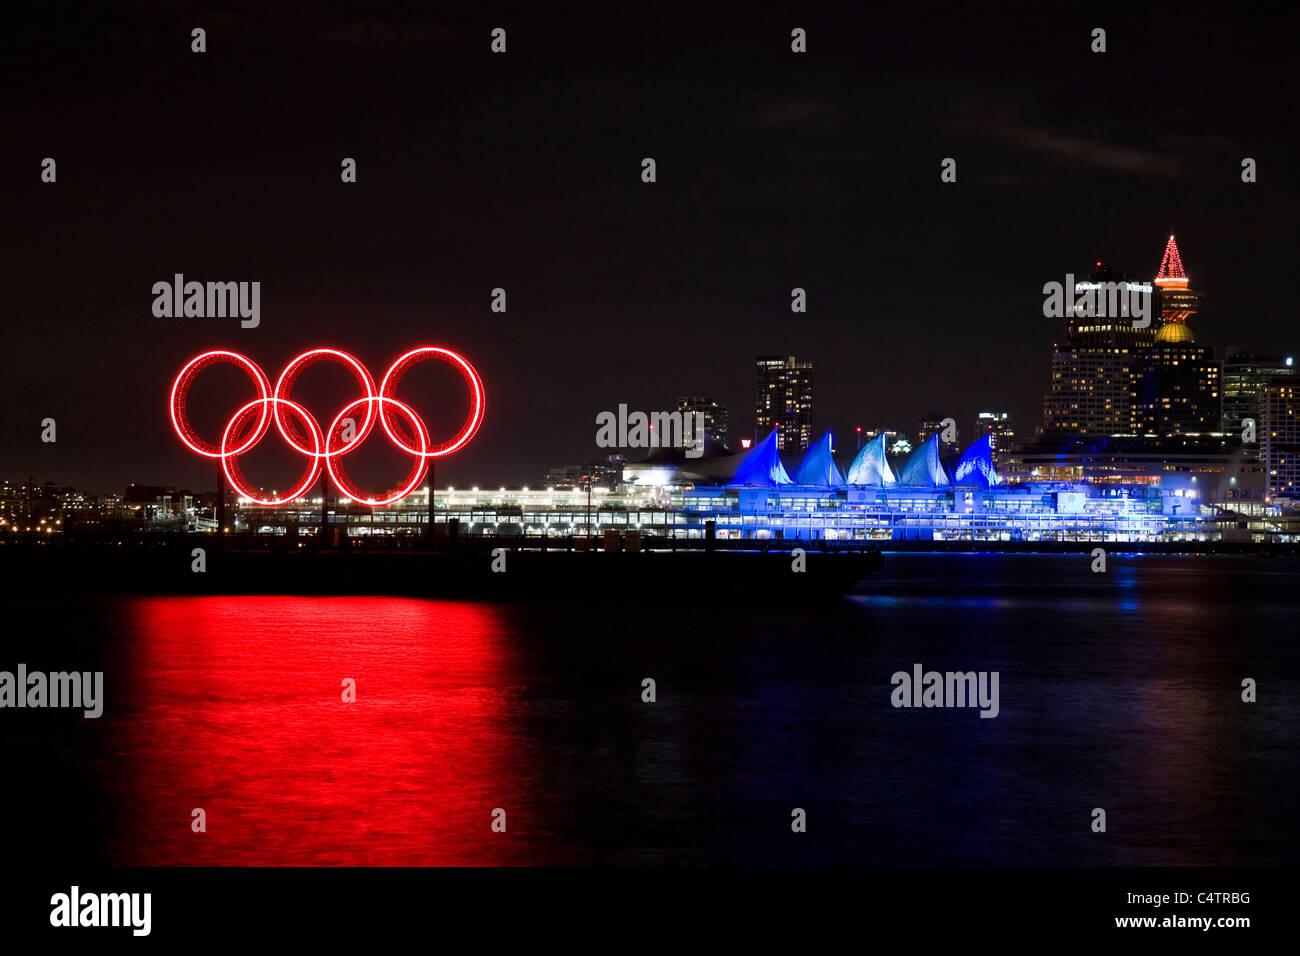 Anneaux Olympiques et rougeoyants rouges s'illuminèrent la Place du Canada, au bord de l'eau pendant les Jeux Olympiques d'hiver de 2010, Vancouver, Canada Banque D'Images